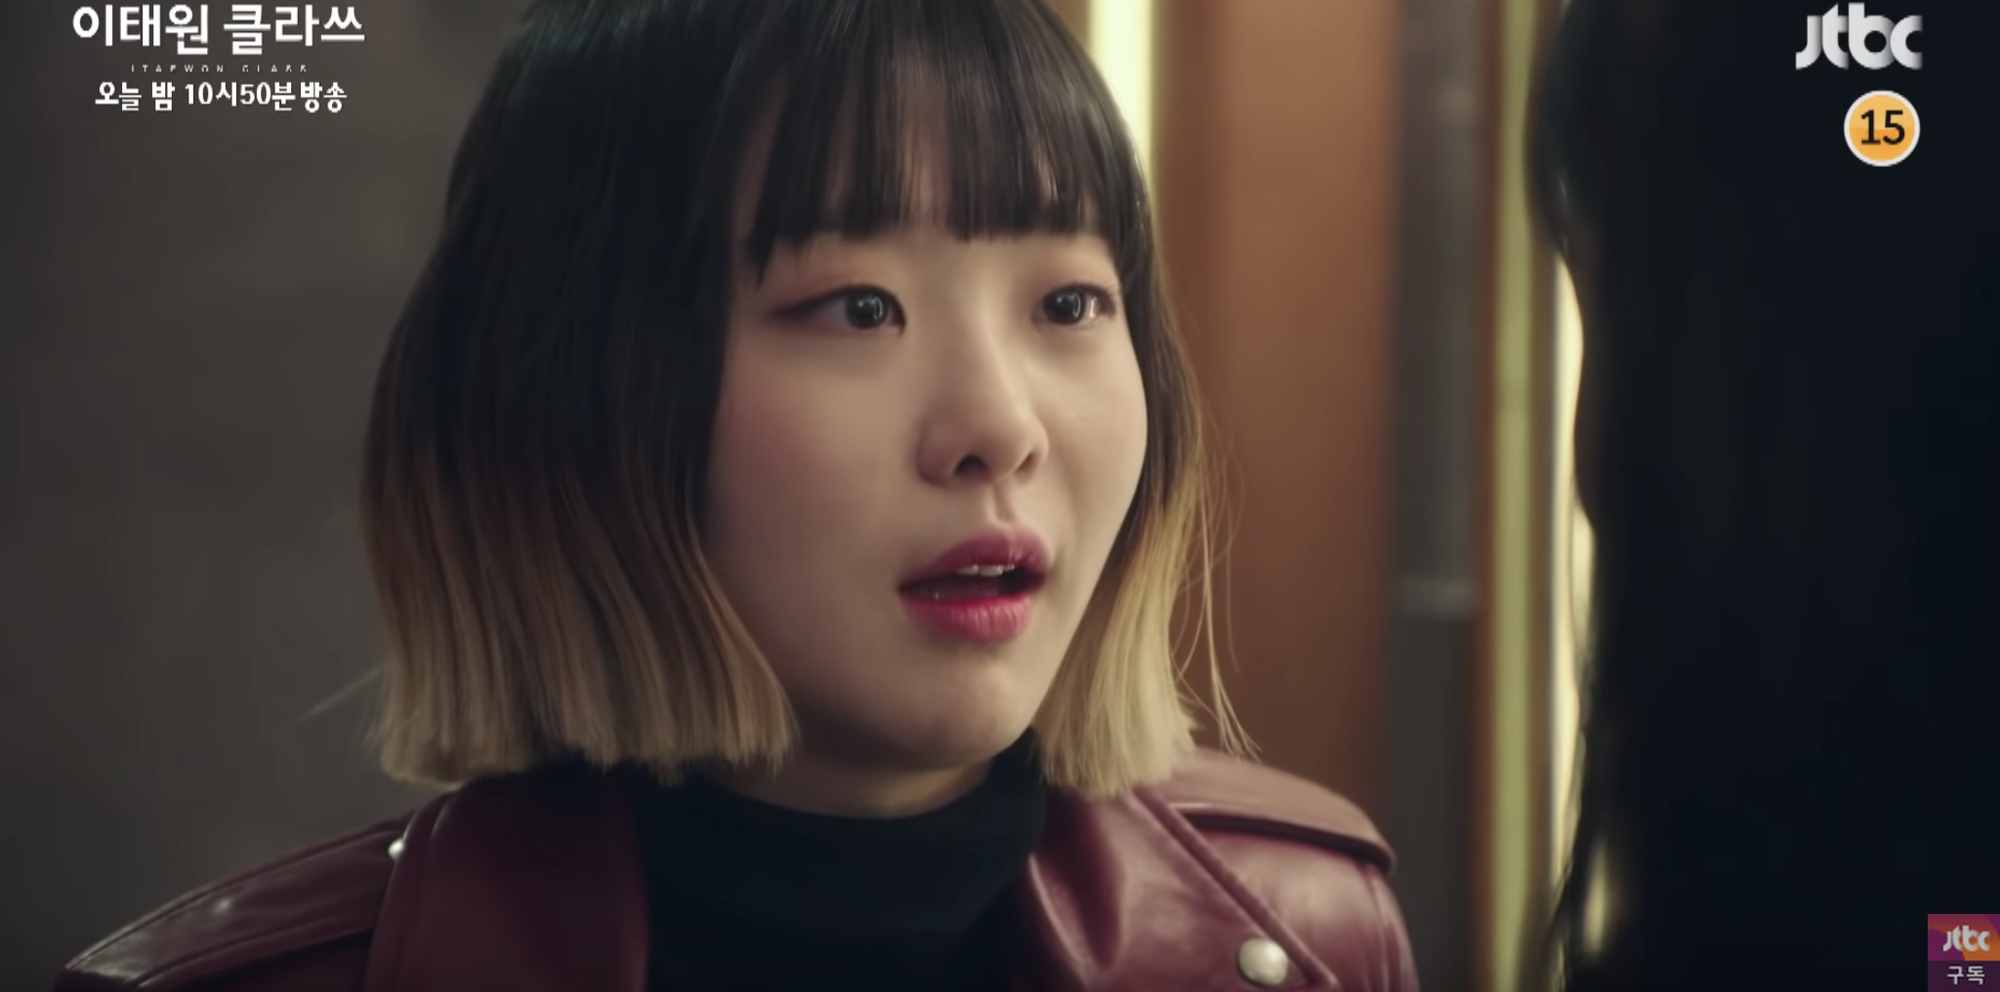 Preview Tầng Lớp Itaewon tập 6: Điên nữ nói thẳng thích Park Seo Joon, cảnh cáo sẽ huỷ hoại đời chị gái tình đầu - Ảnh 1.